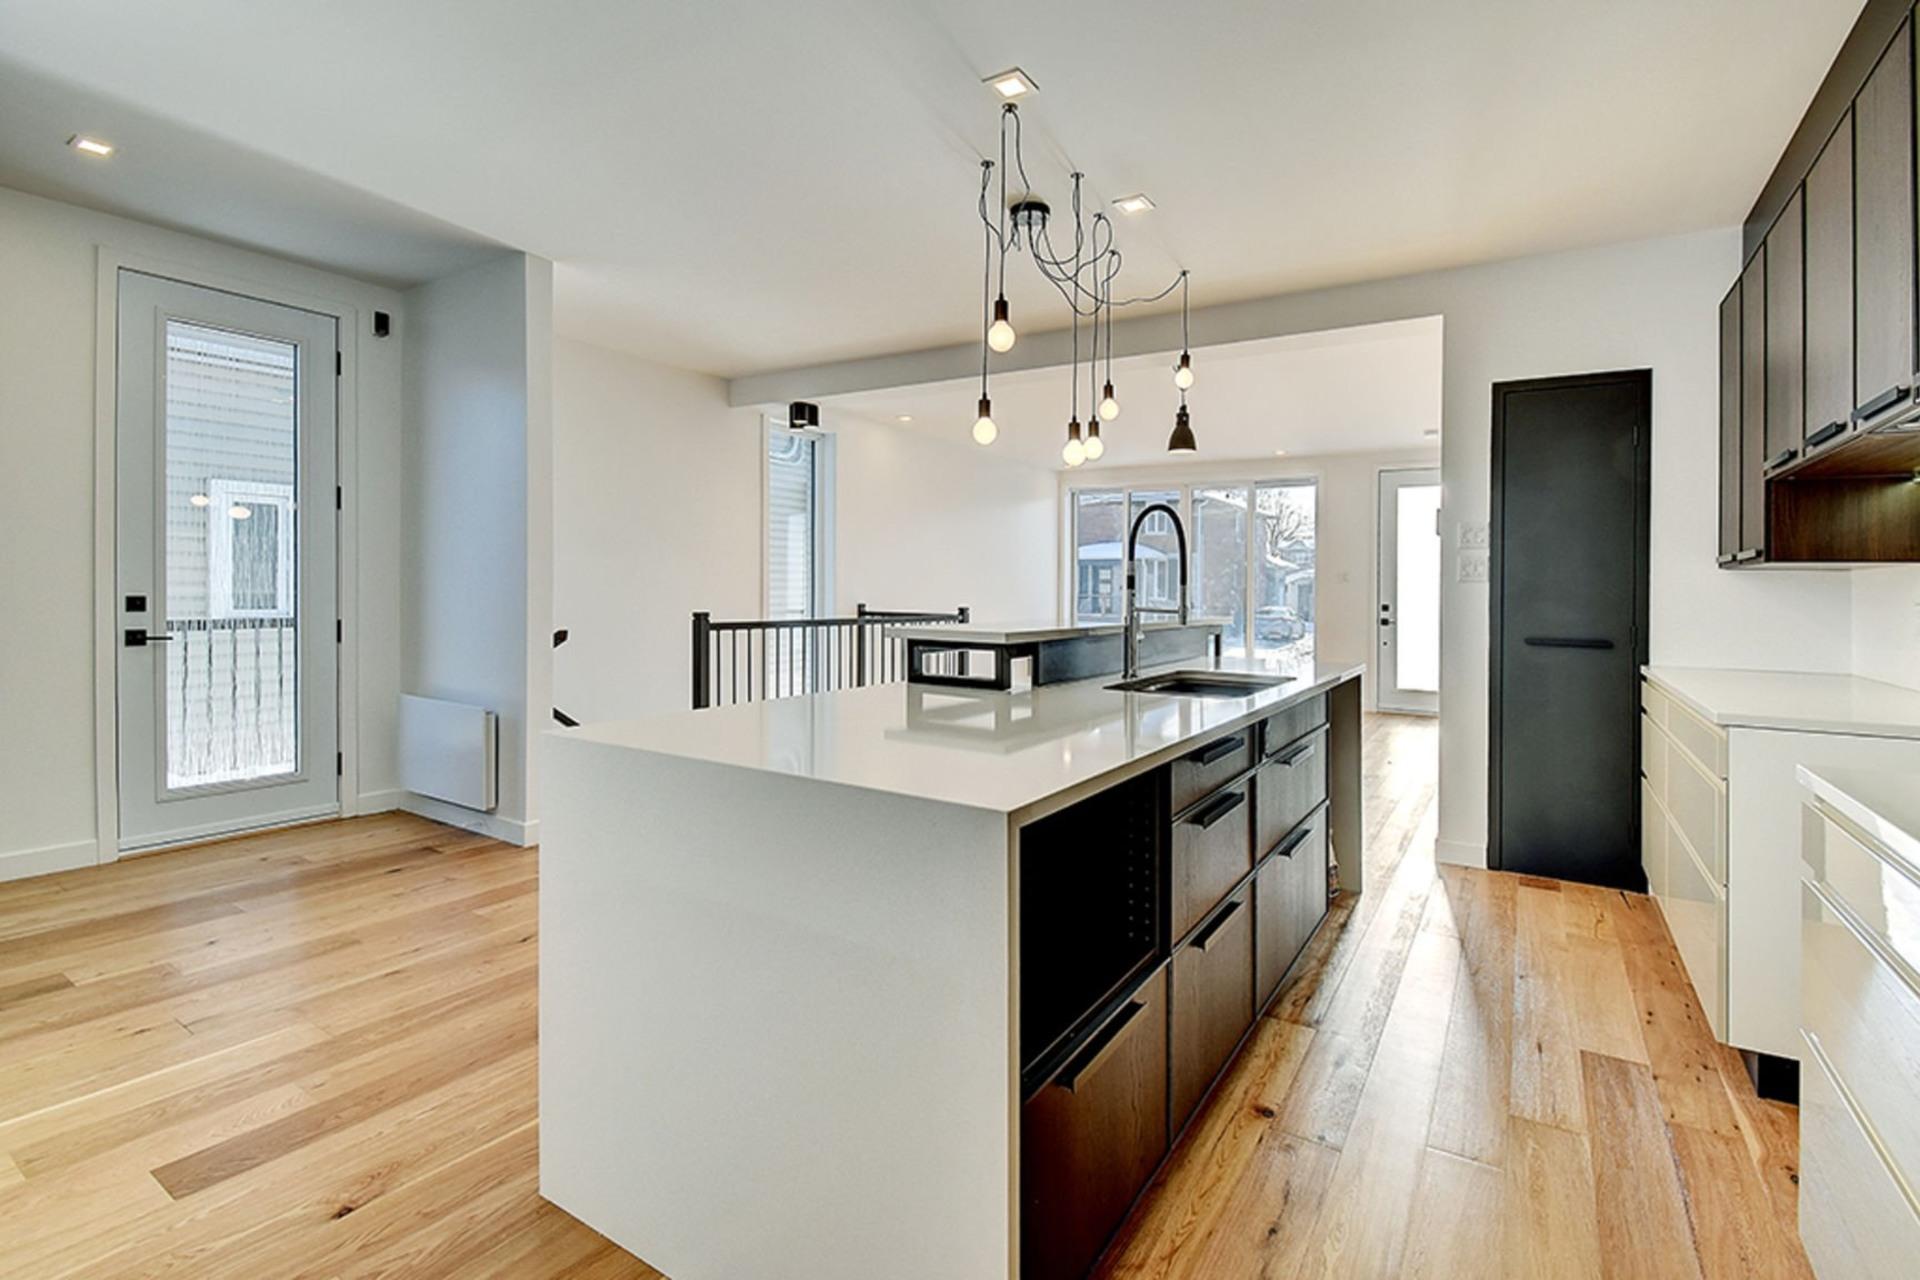 image 9 - Appartement À vendre Le Vieux-Longueuil Longueuil  - 9 pièces